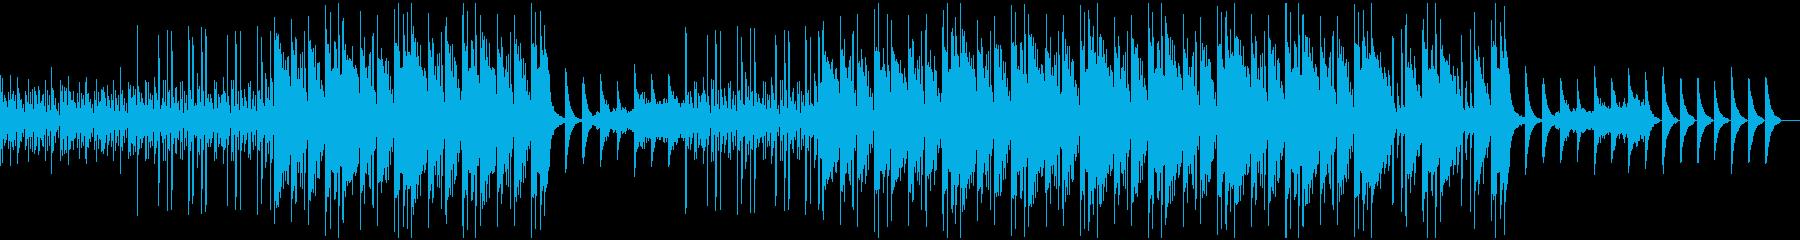 幻想的な雰囲気のインスト曲の再生済みの波形